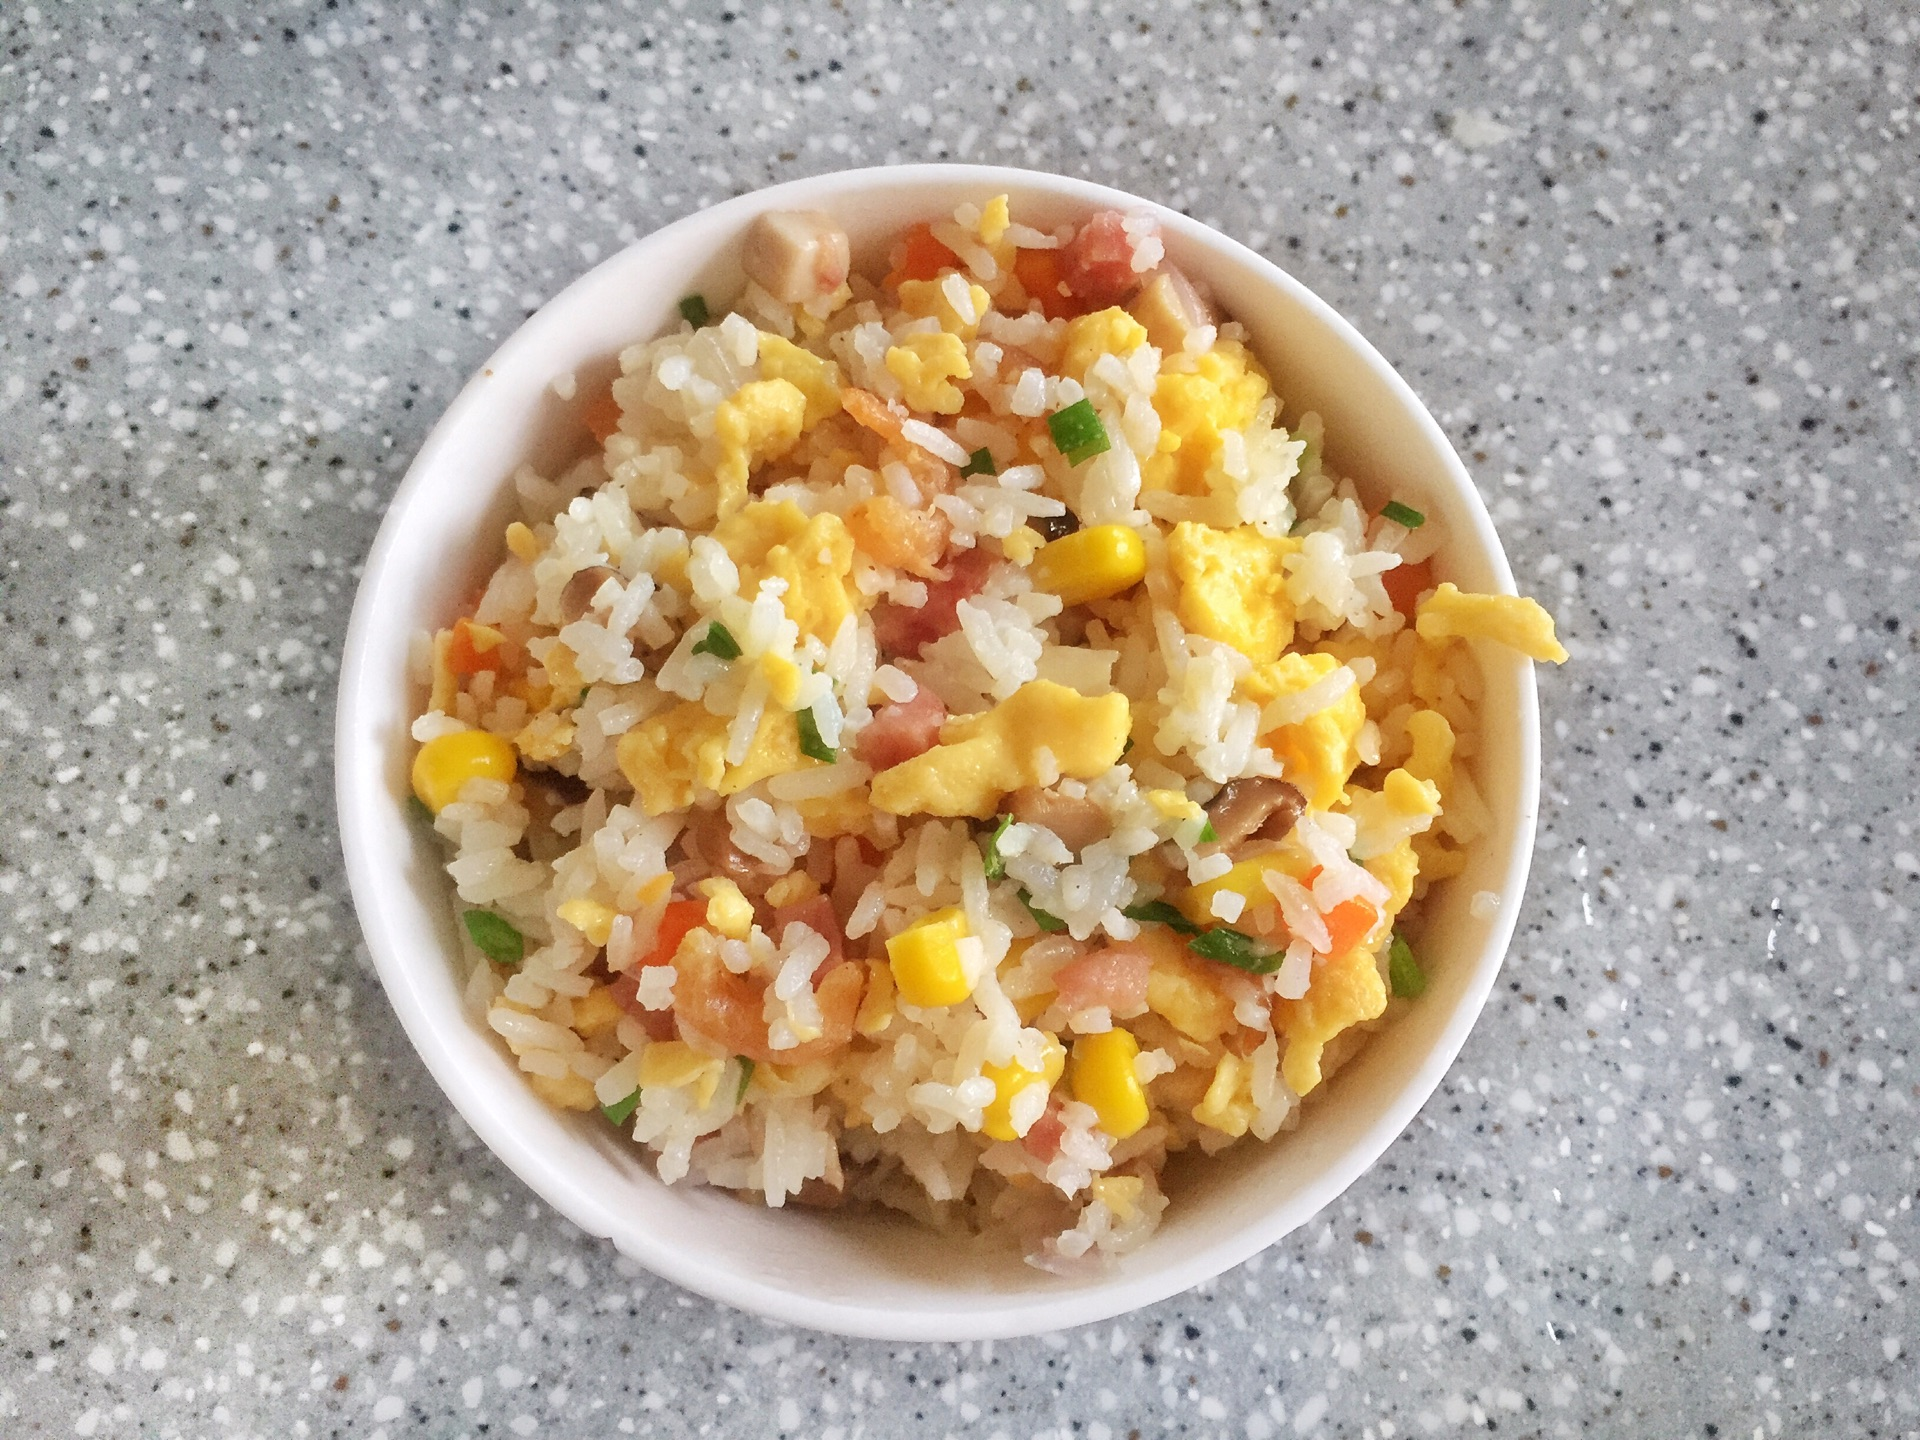 蛋炒饭的做法图解5